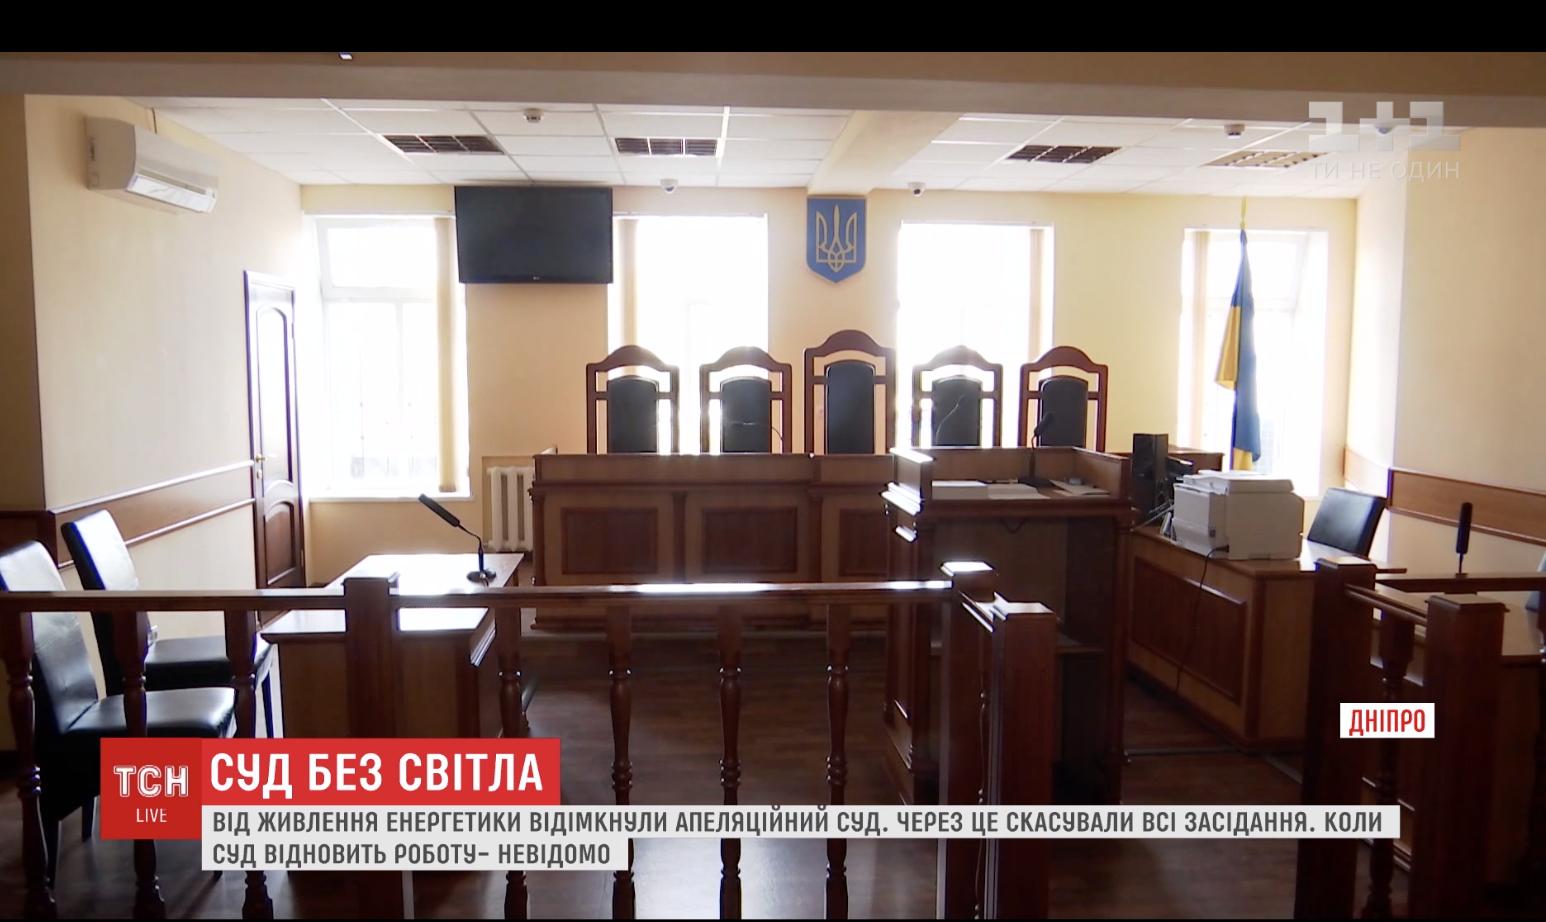 Новости Днепра про В Днепре суд не смог рассмотреть 125 дел, так как им отключили свет за долги